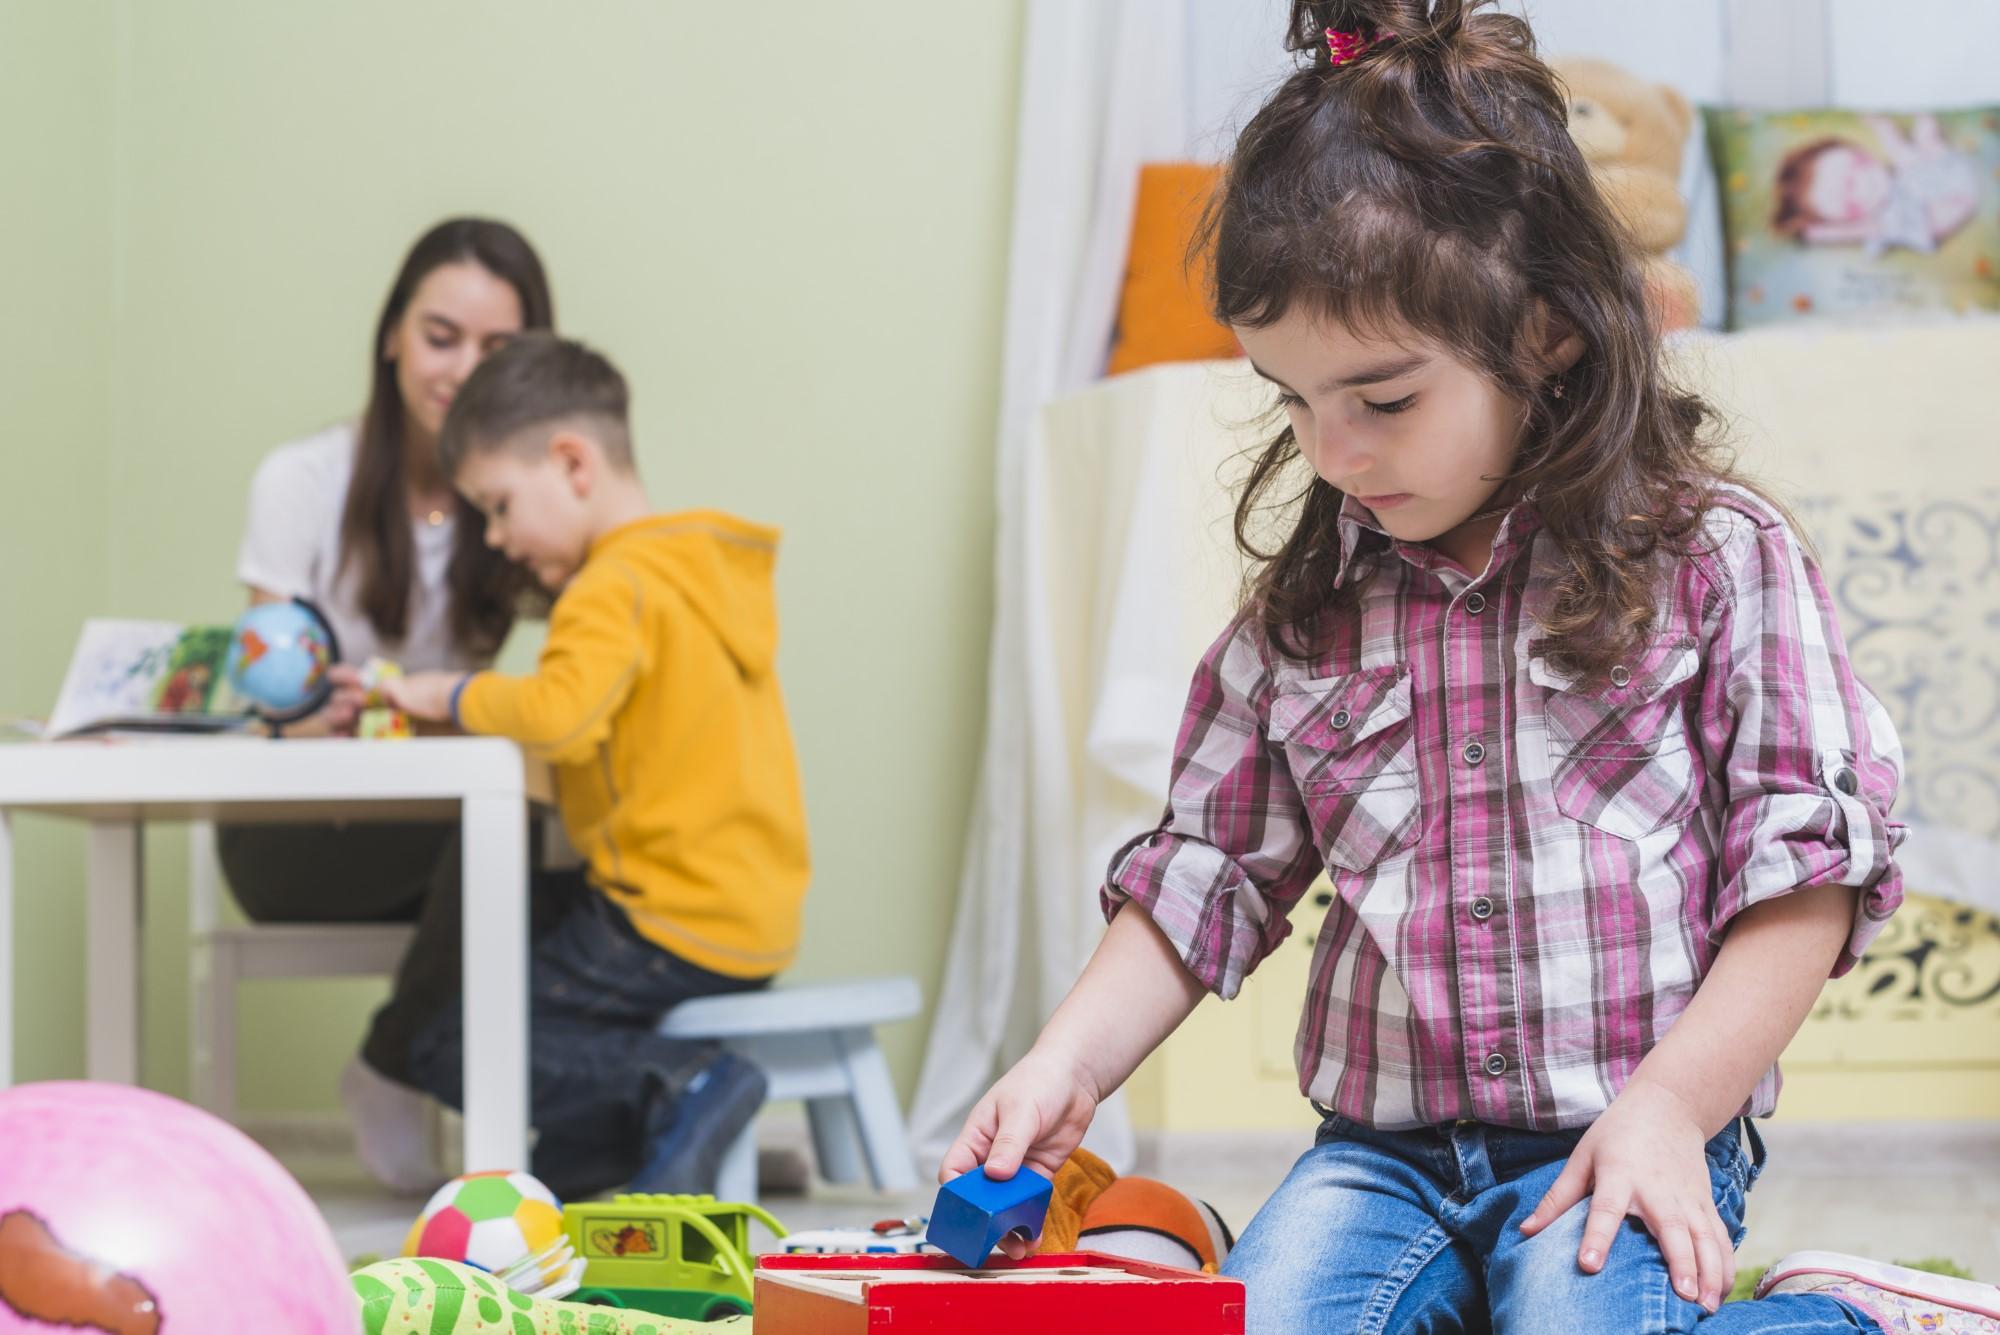 עיריית רעננה מגבשת תוכנית ליצירת 'תו איכות עירוני' לגני ילדים פרטיים בעיר